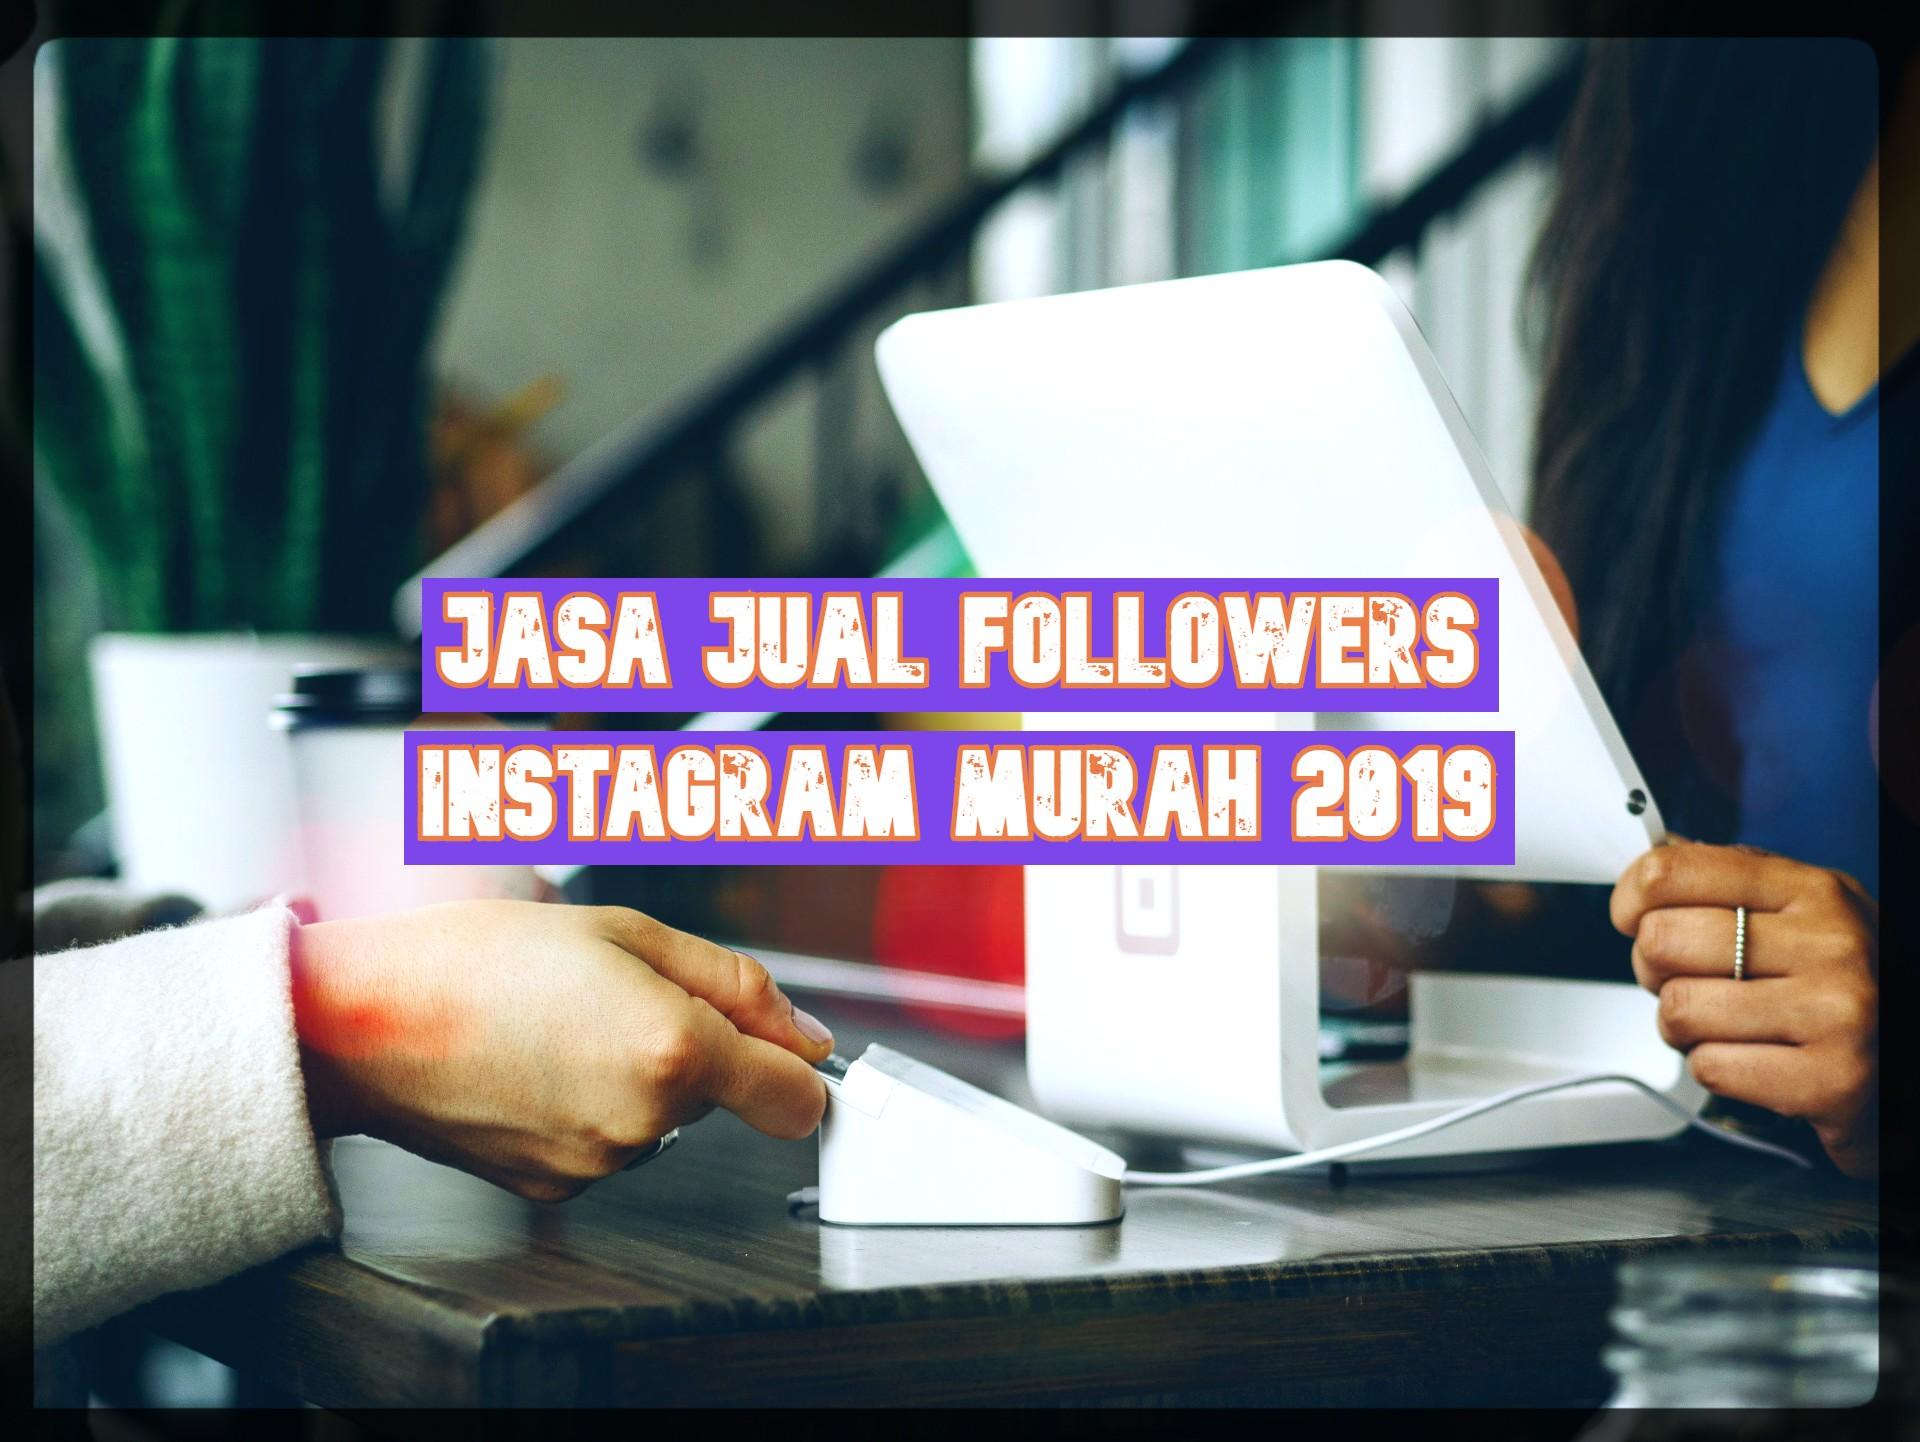 Jasa Jual Followers Instagram Murah 2019